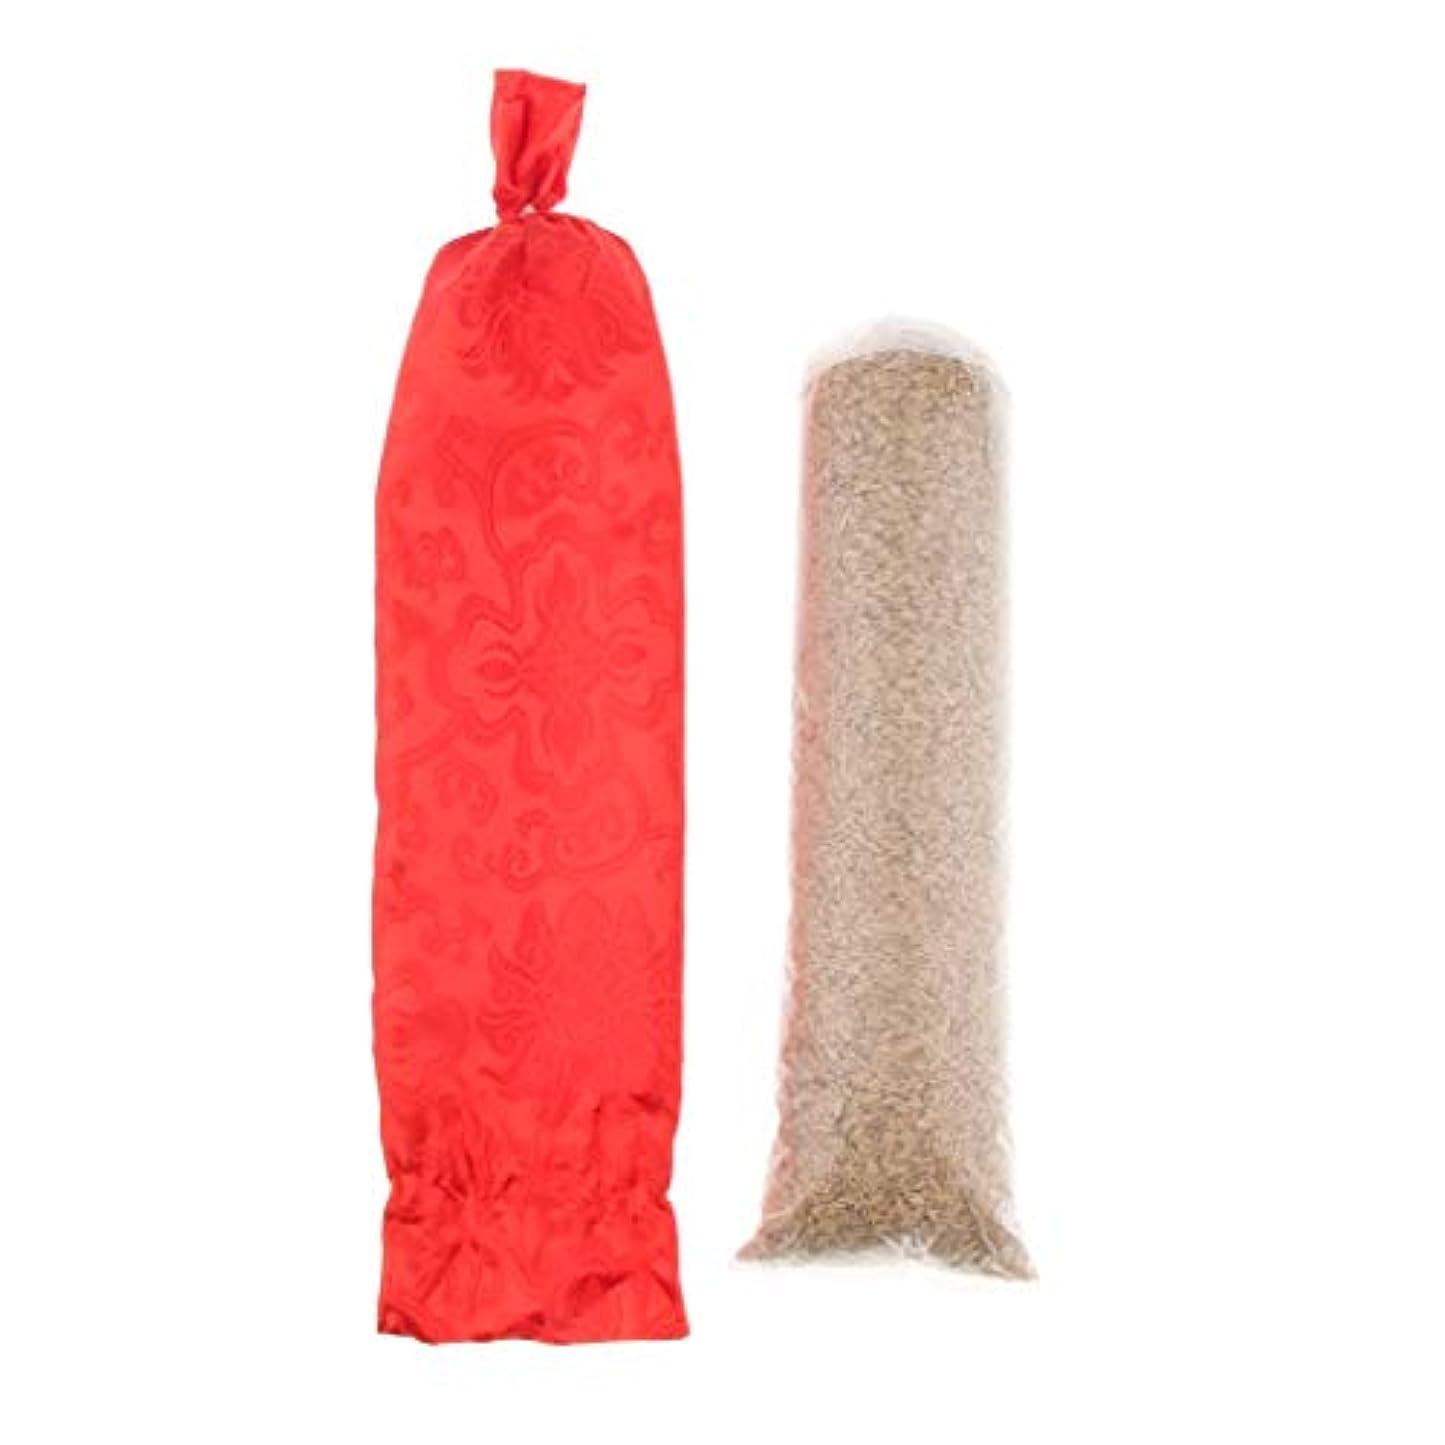 些細なしてはいけないカバーBaoblaze ラウンド 頚部枕 ロール枕 洗濯可能なカバー サポートピロー